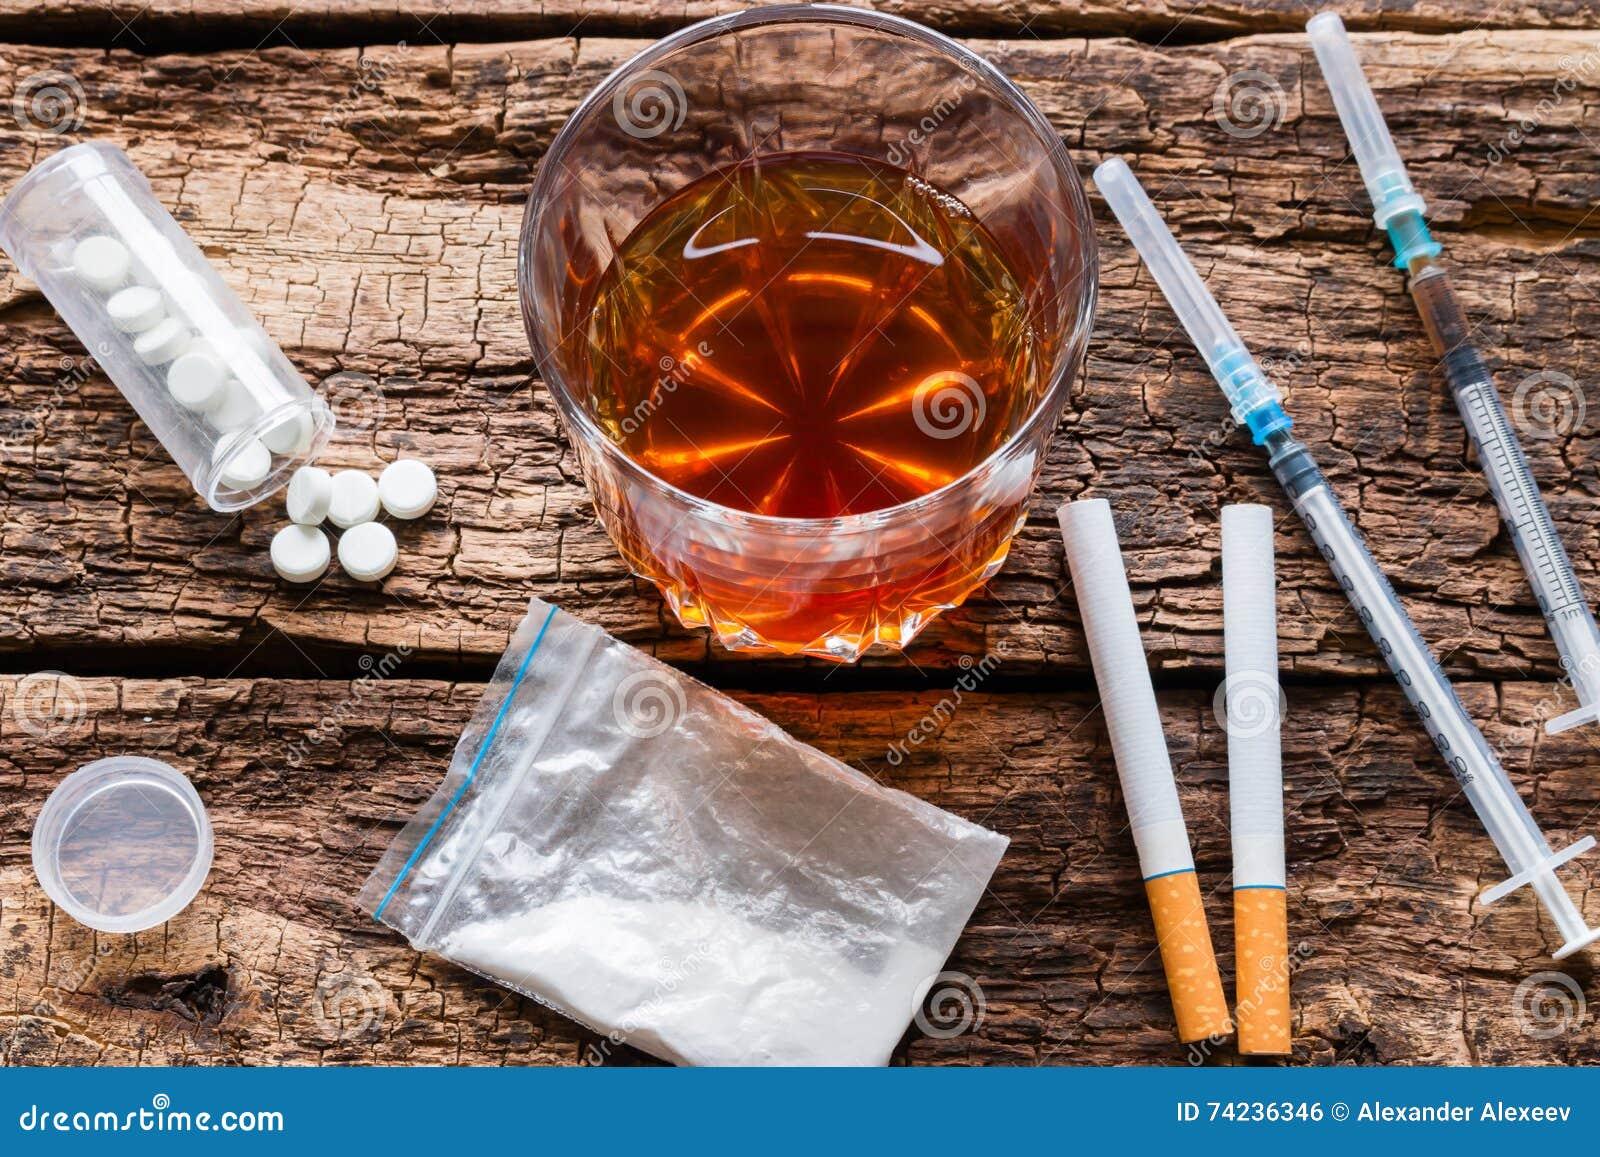 Alcool, cigarettes et drogues